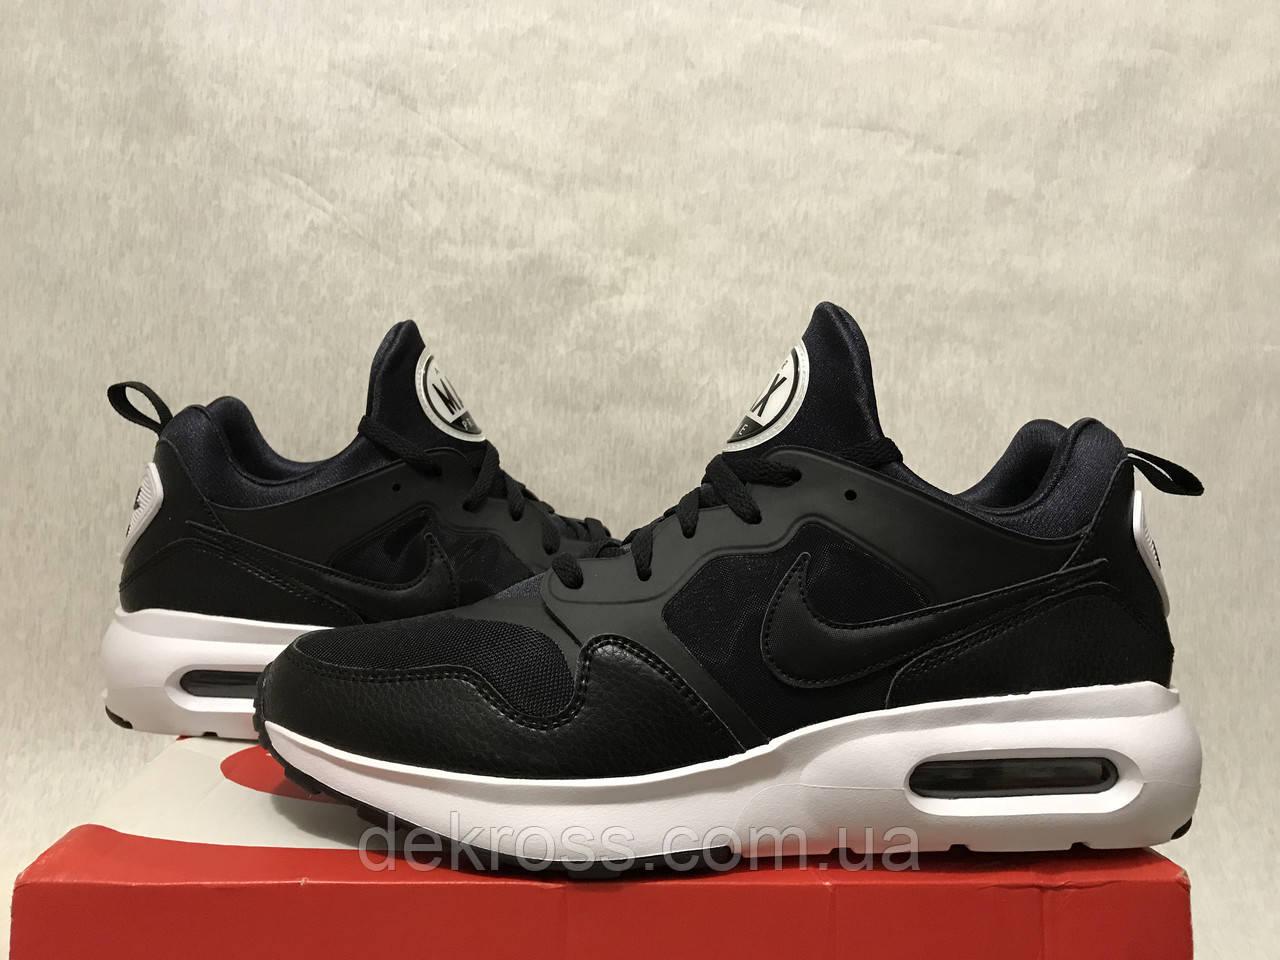 6b18156440dfb1 Кроссовки Nike Air Max Prime Оригинал 876068-001 — в Категории ...